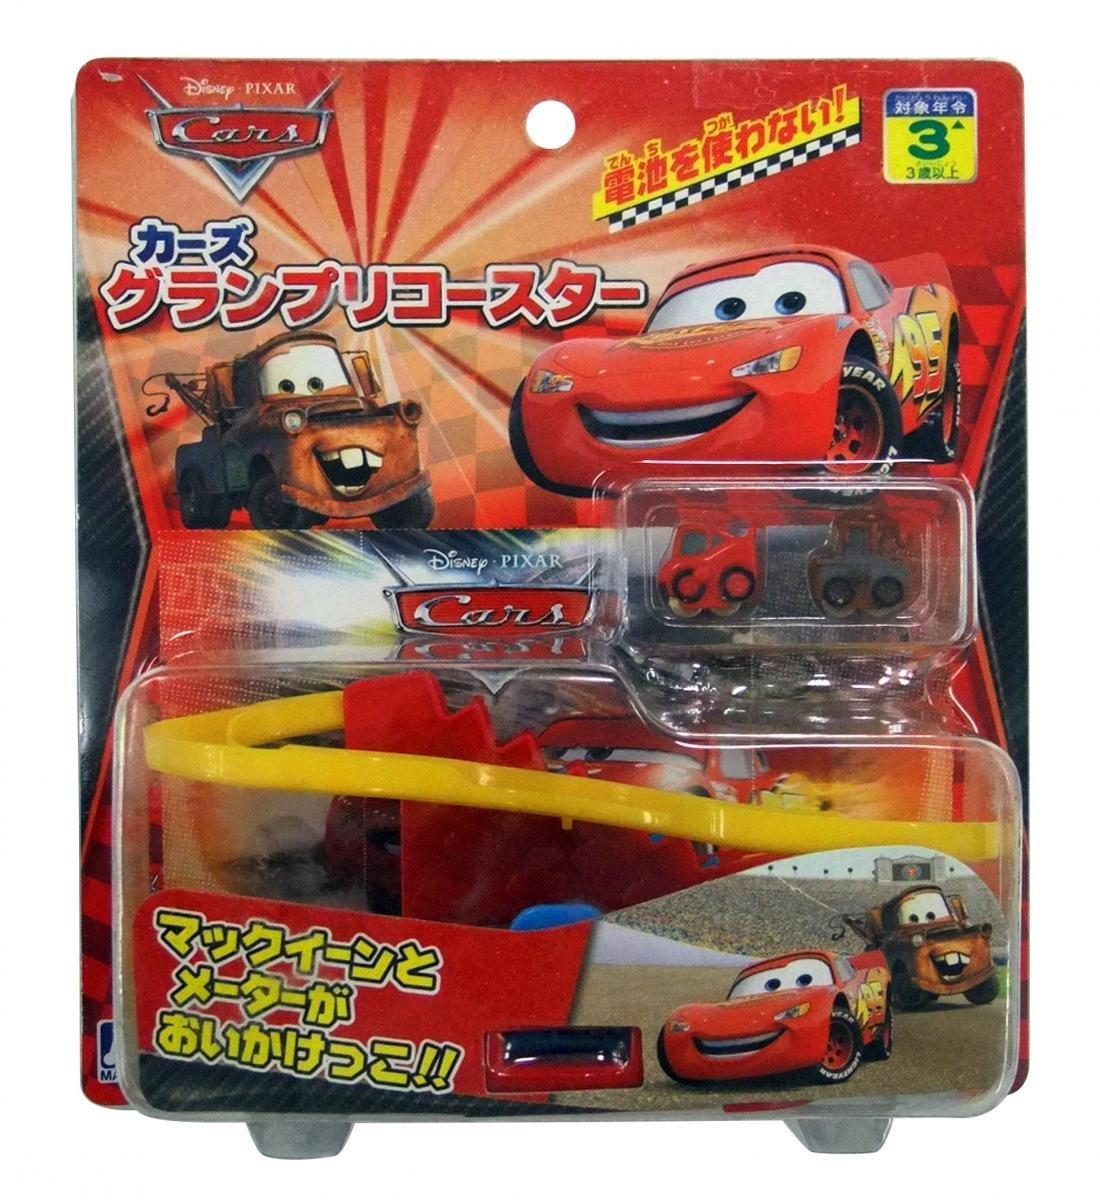 X射線【C144488】閃電麥坤Cars 軌道車玩具,兒童玩具/火車/小汽車/軌道車/模型/遙控車